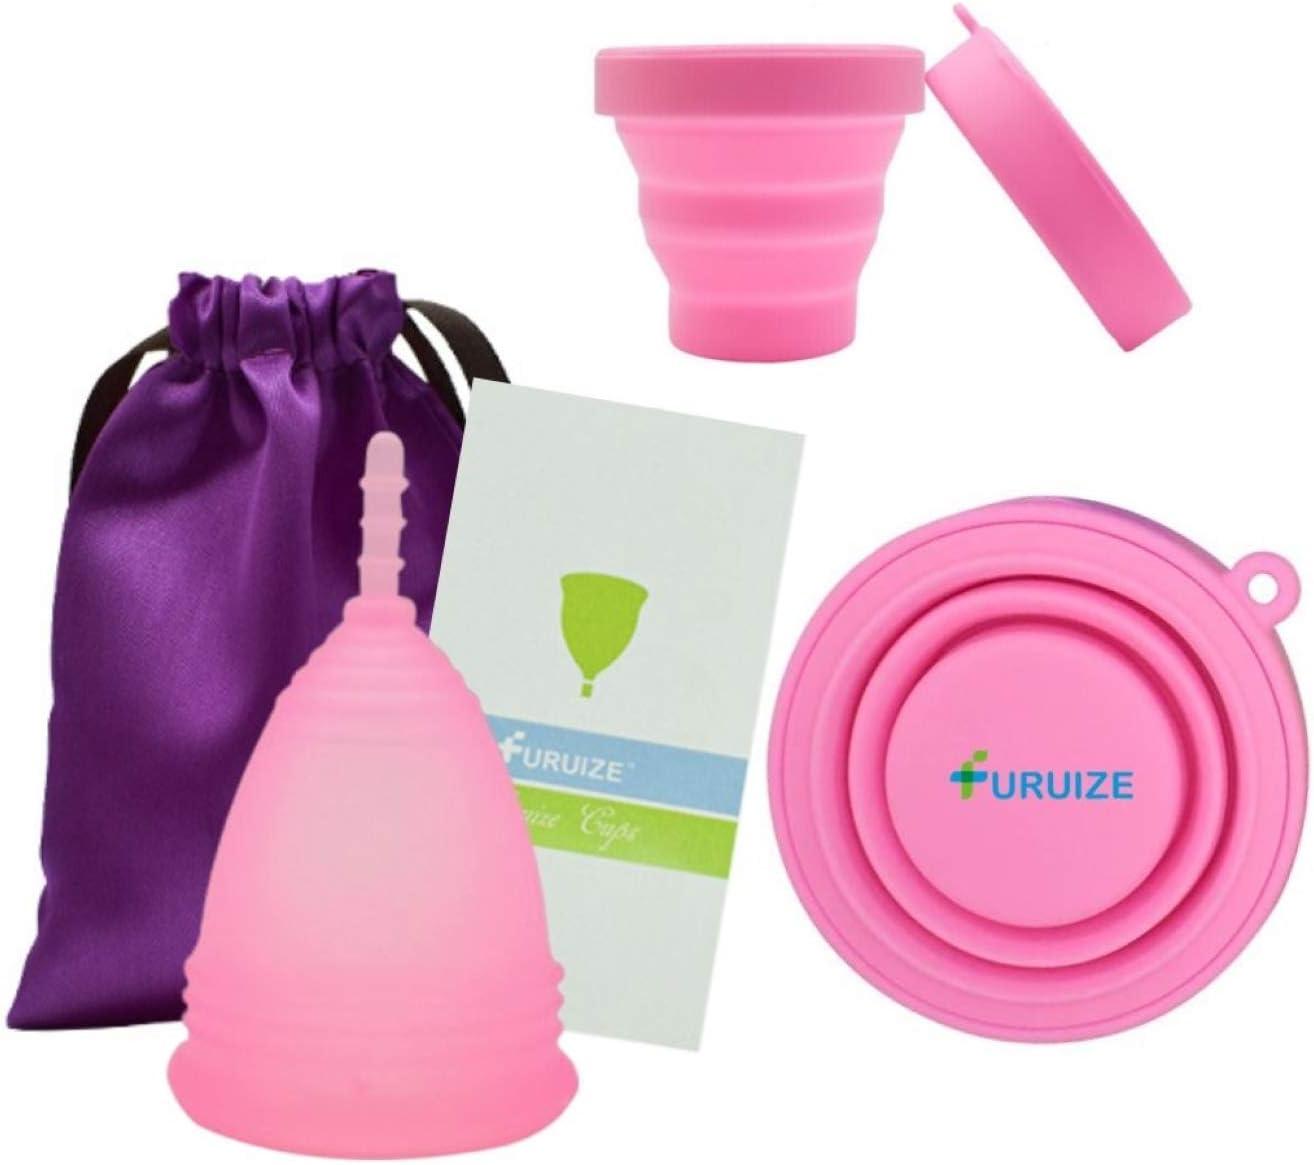 Copa Menstrual Furuize Confort con Taza de Esterilización. Silicona suave de grado médico 100%. Previene infecciones y fortalece el suelo pélvico. ...